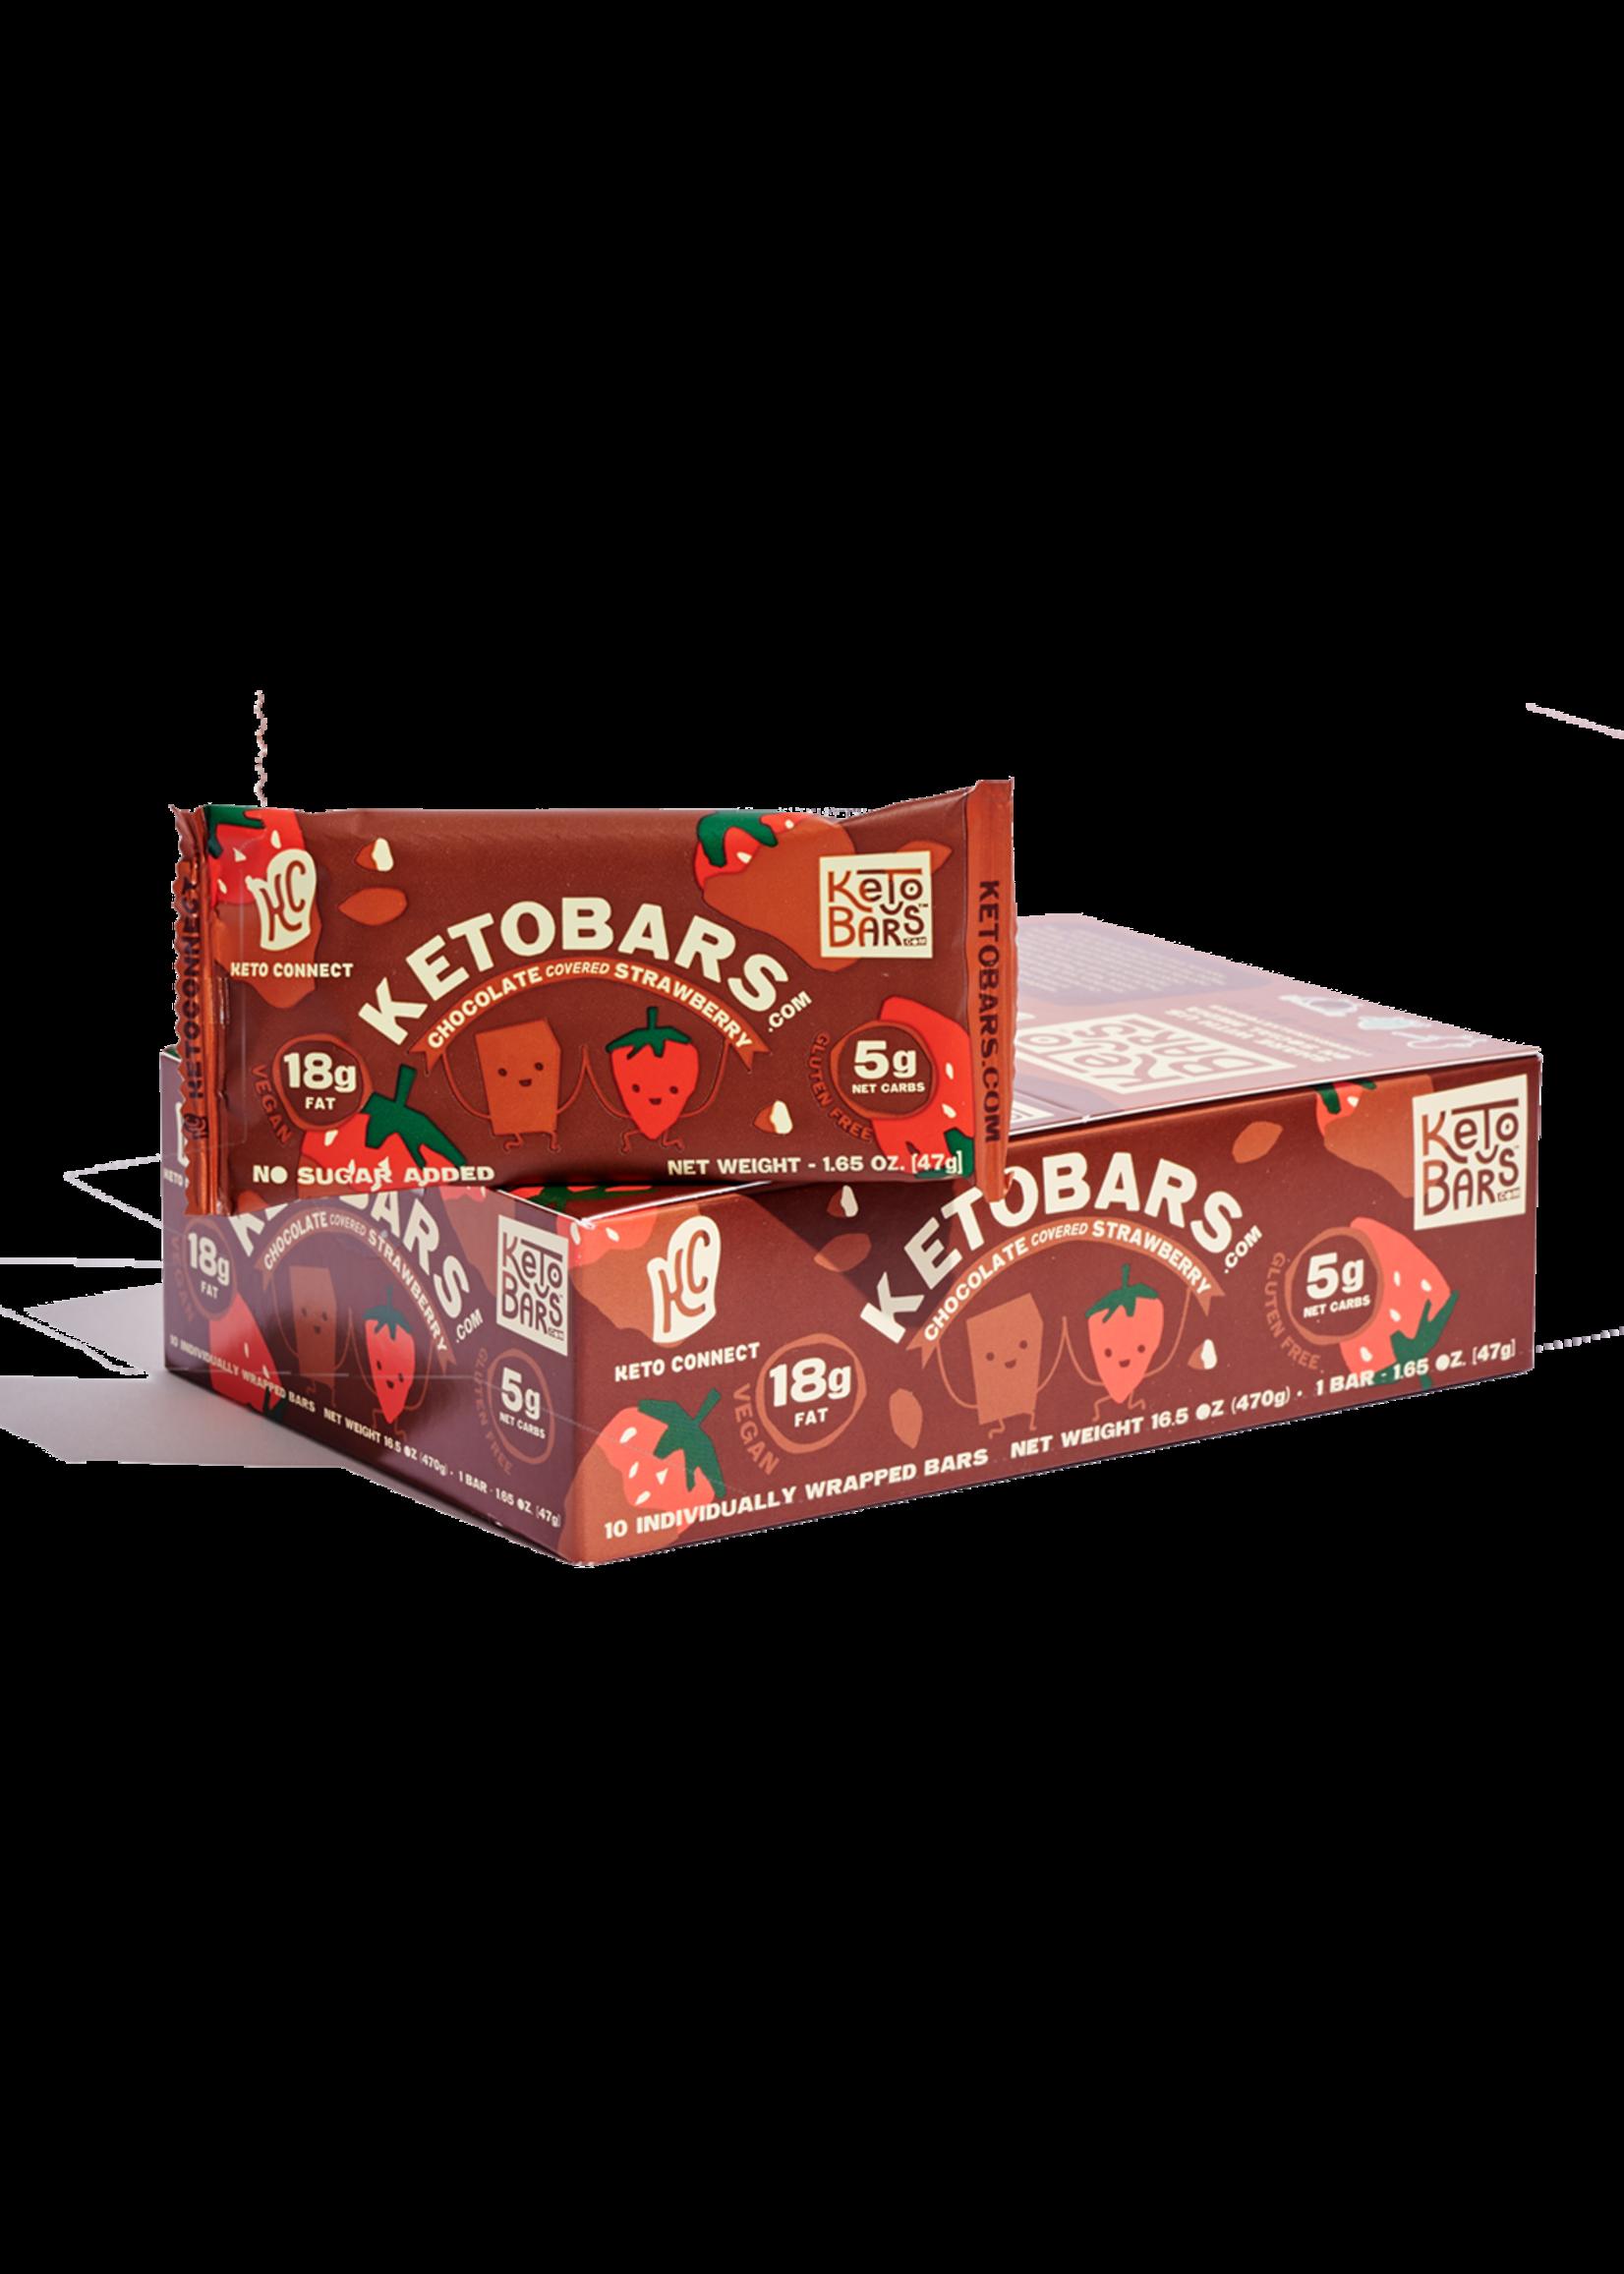 Ketobars.com Ketobars.com- Chocolate Covered Strawberry (10PK)